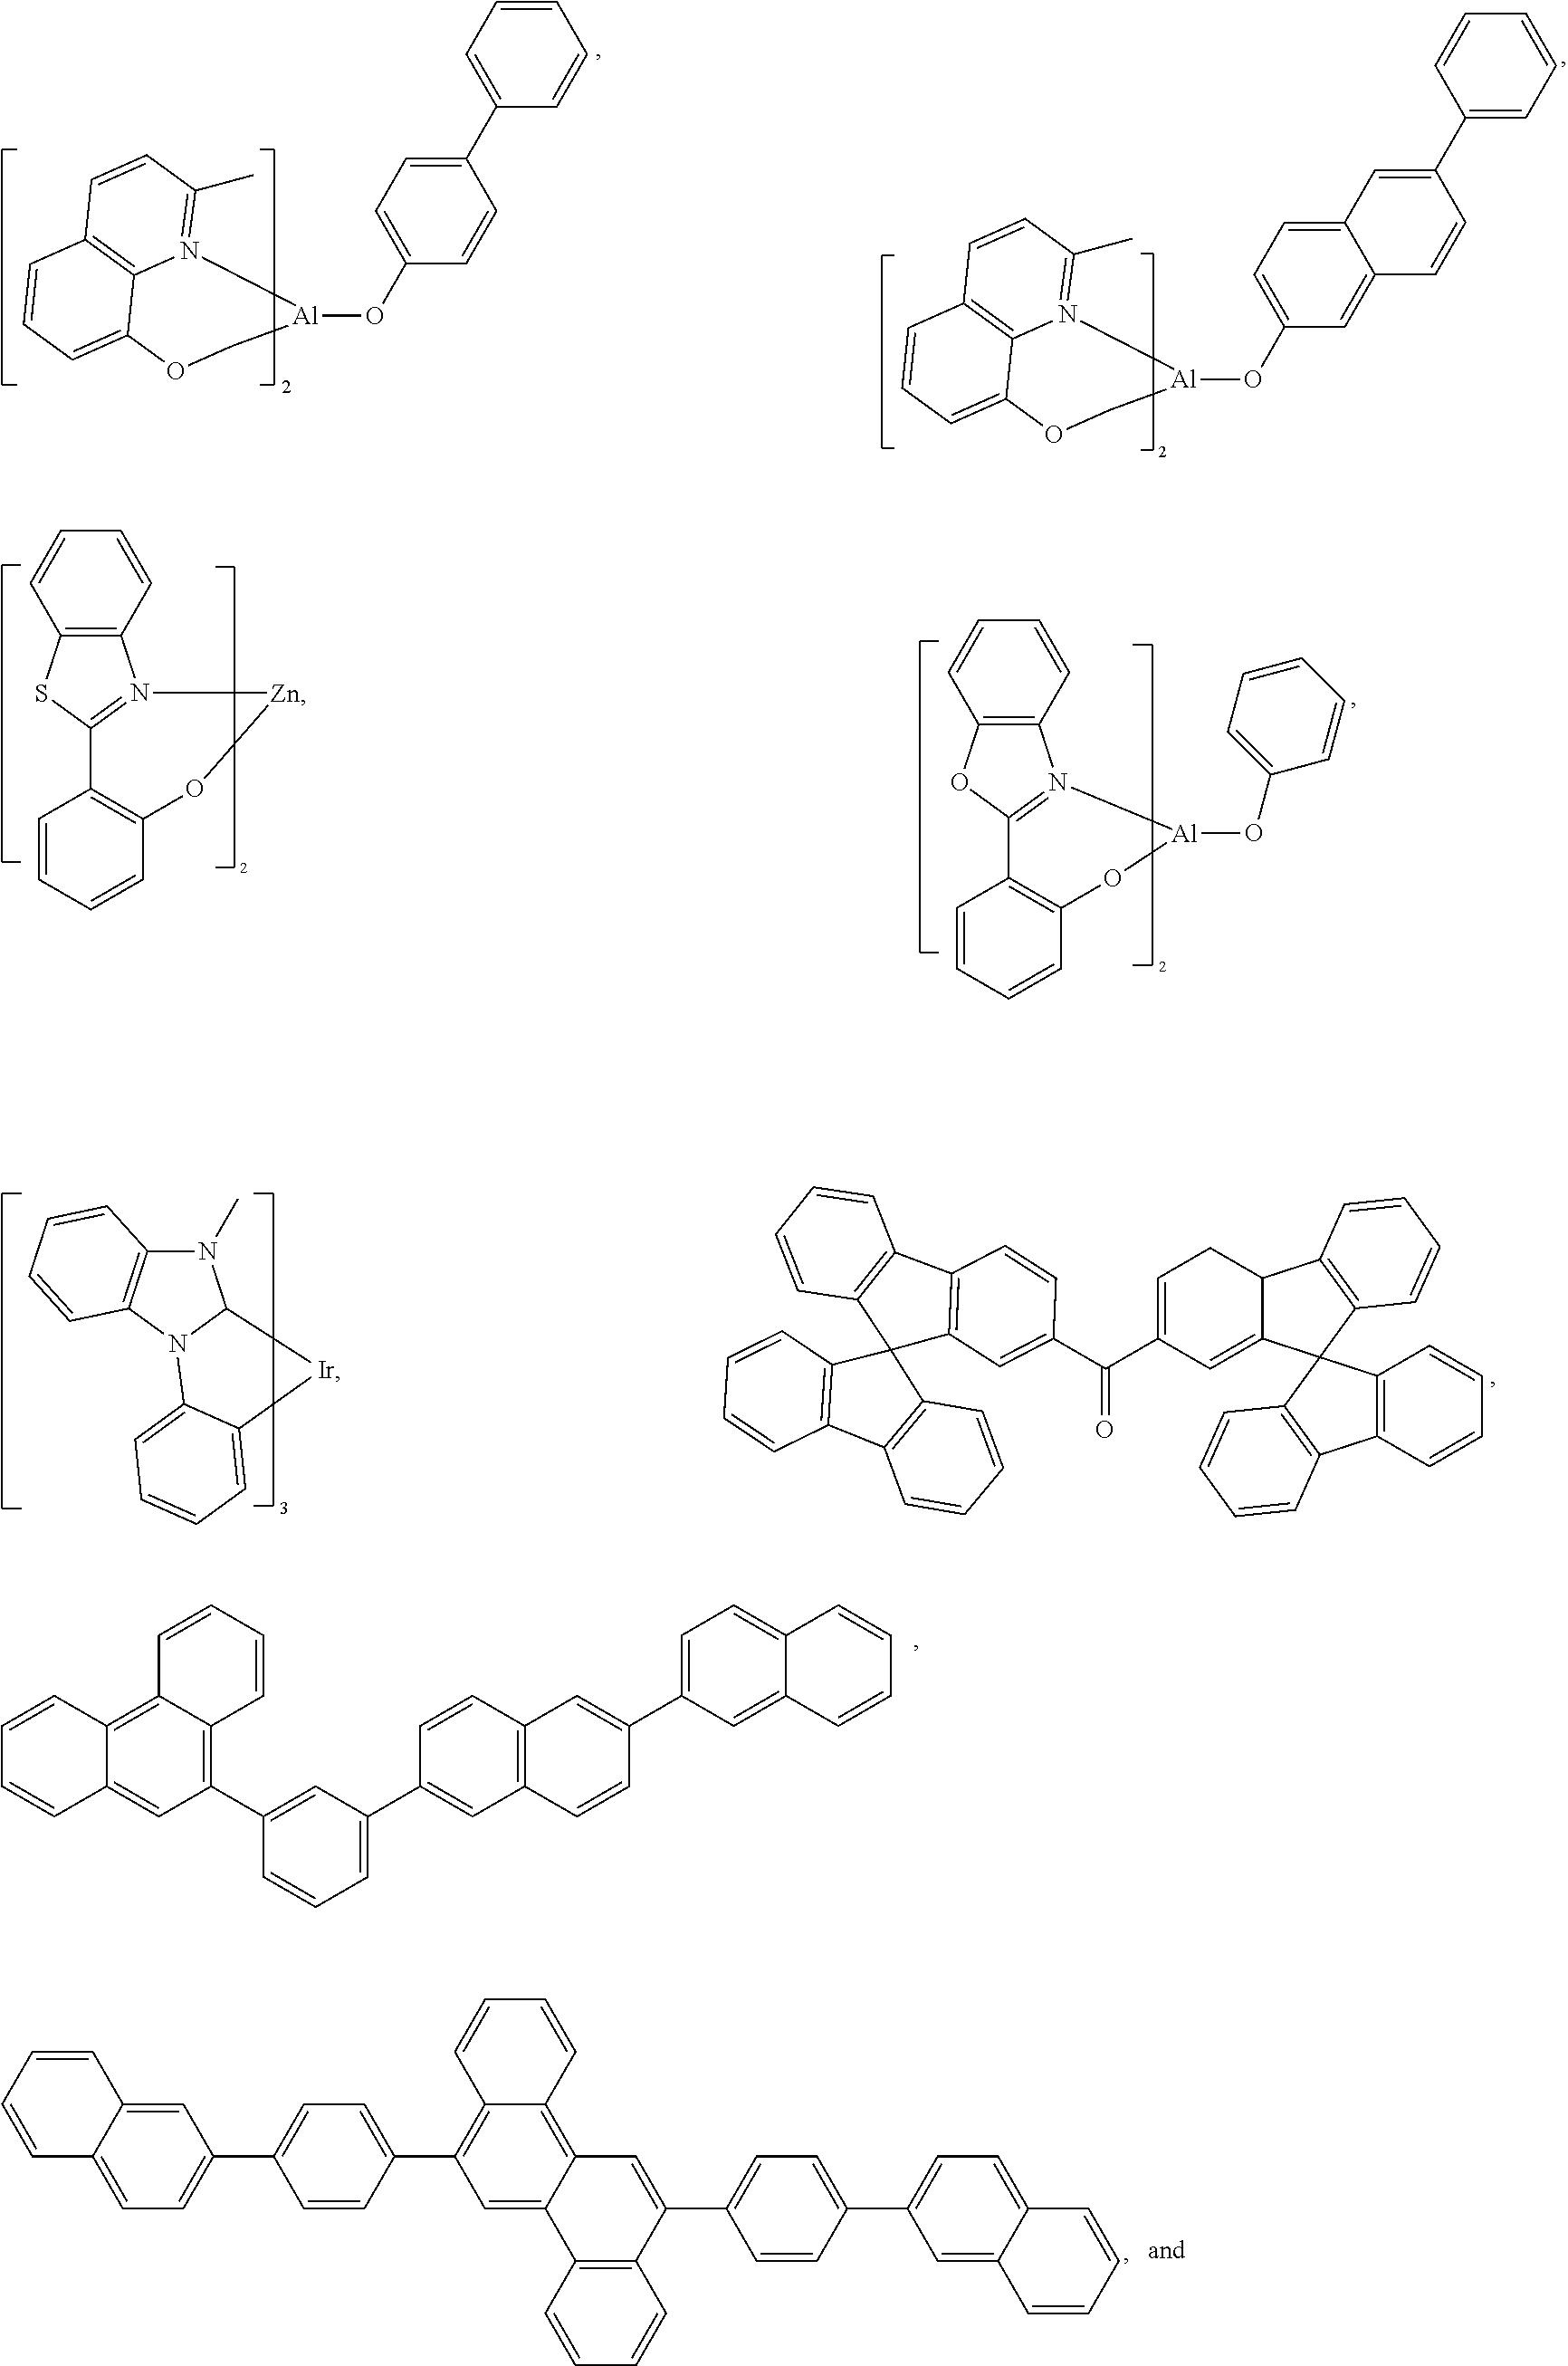 Figure US09978956-20180522-C00070